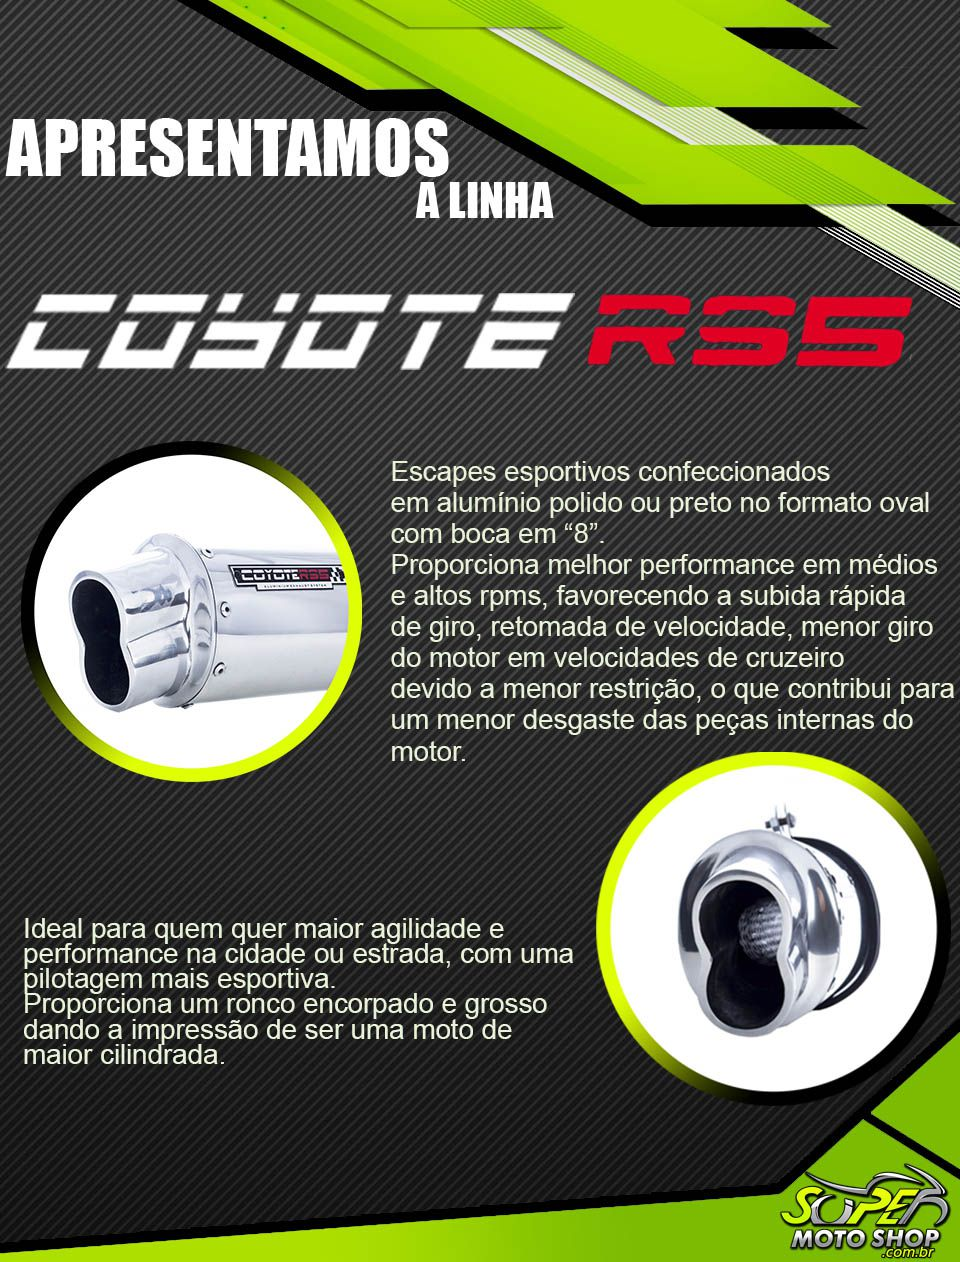 Escape / Ponteira Coyote RS5 Boca 8 Aluminio Oval - CG 125 Titan KS 1996 até 1999 - Honda